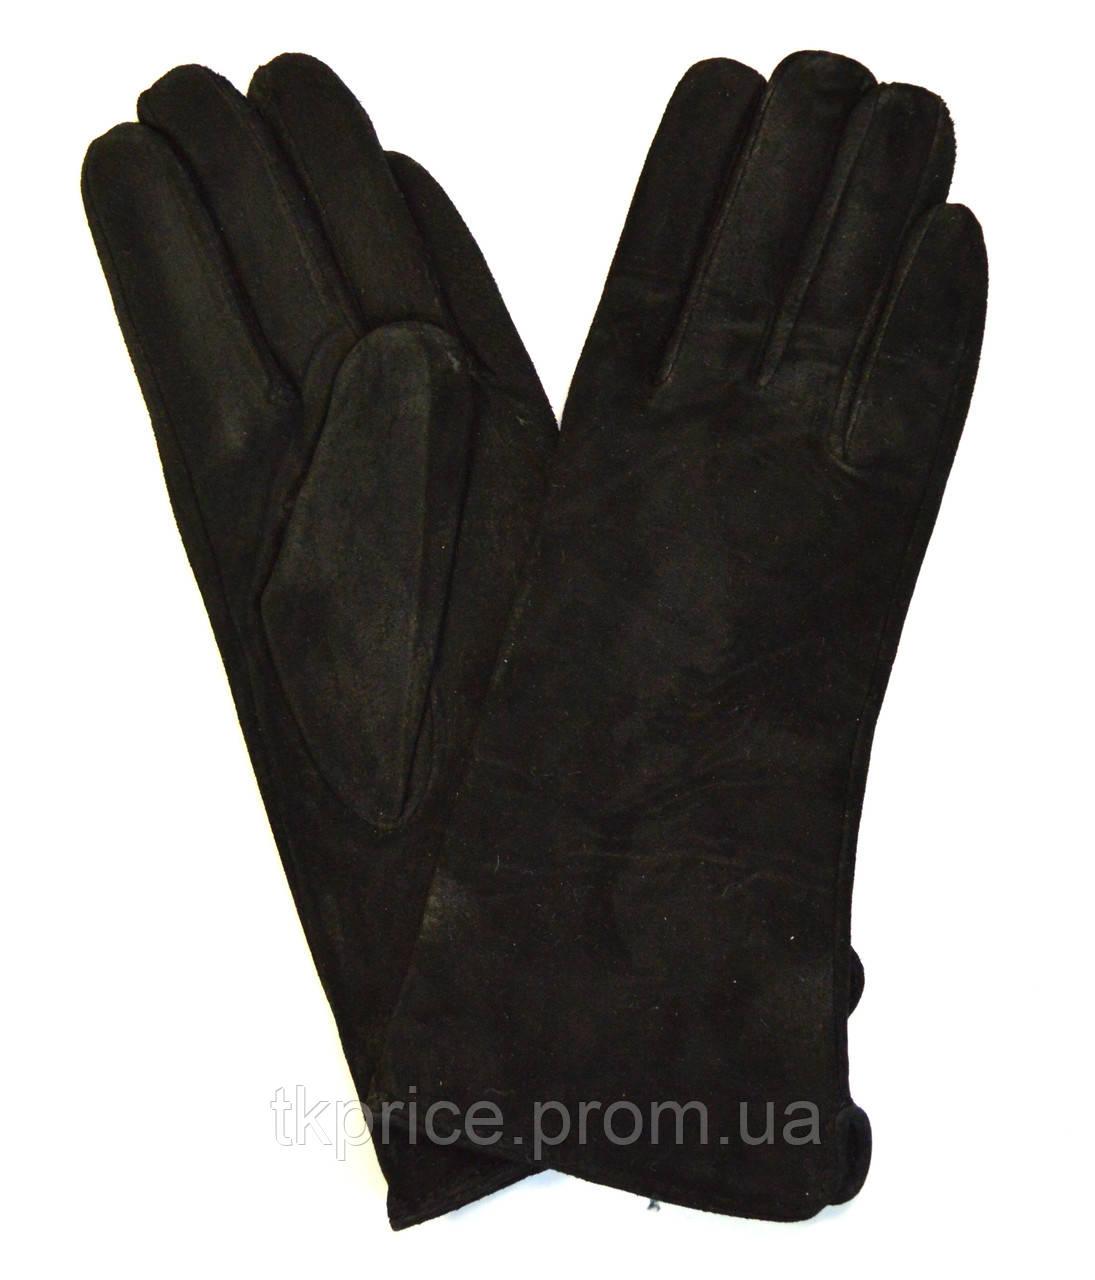 Женские замшевые перчатки на шерстяной подкладке